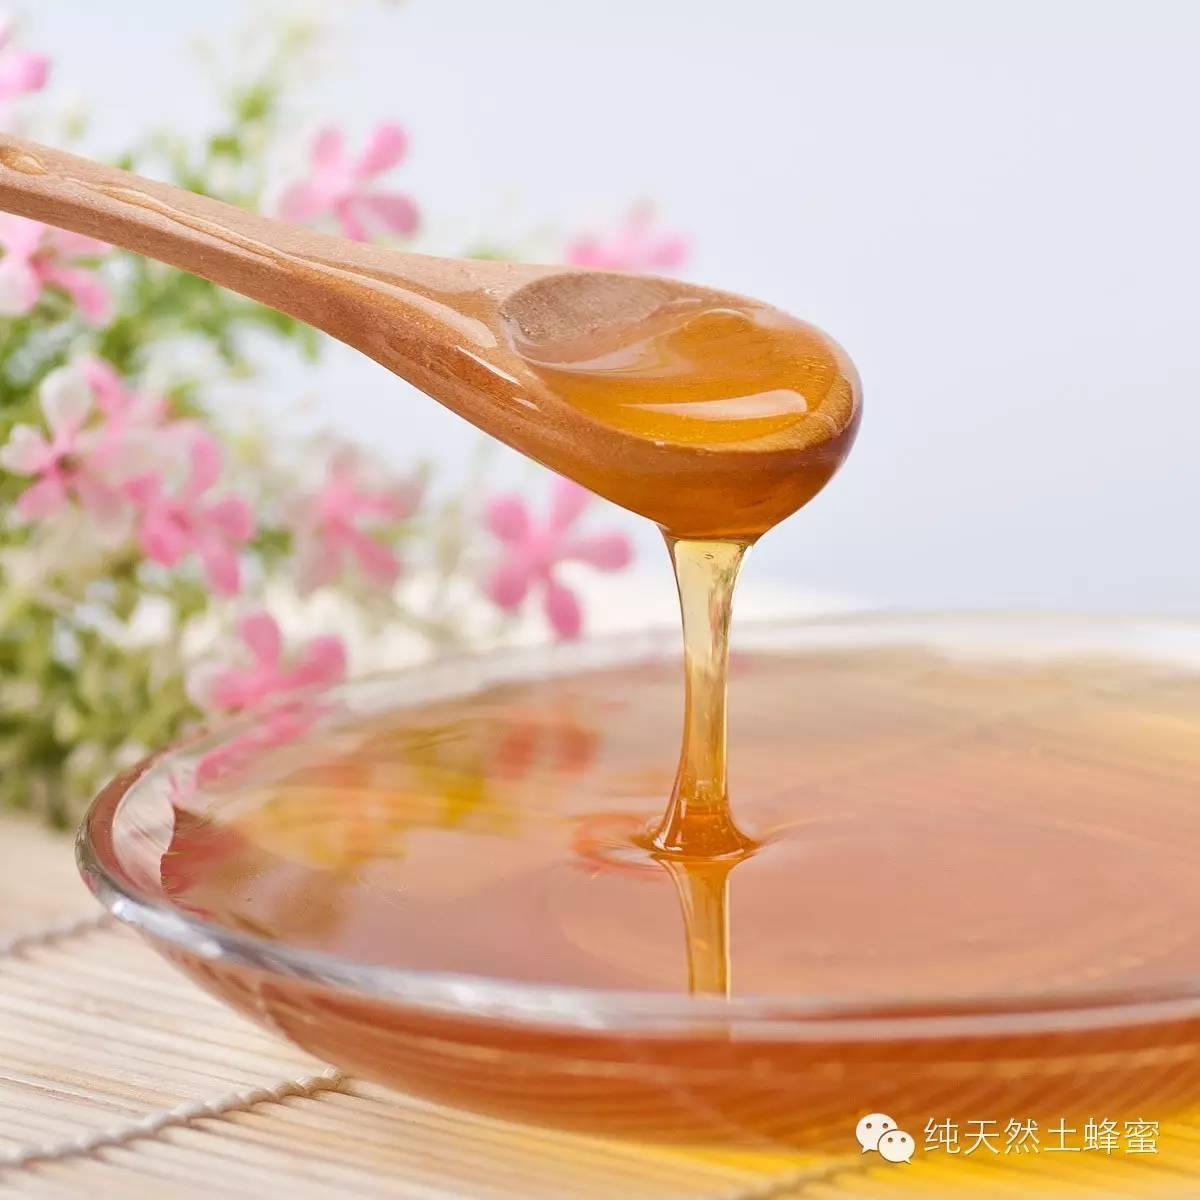 蜂蜜泡大蒜的功效 檀棕色蜂蜜茶色 进口蜂蜜 石斛与蜂蜜 柠檬水减肥加不加蜂蜜